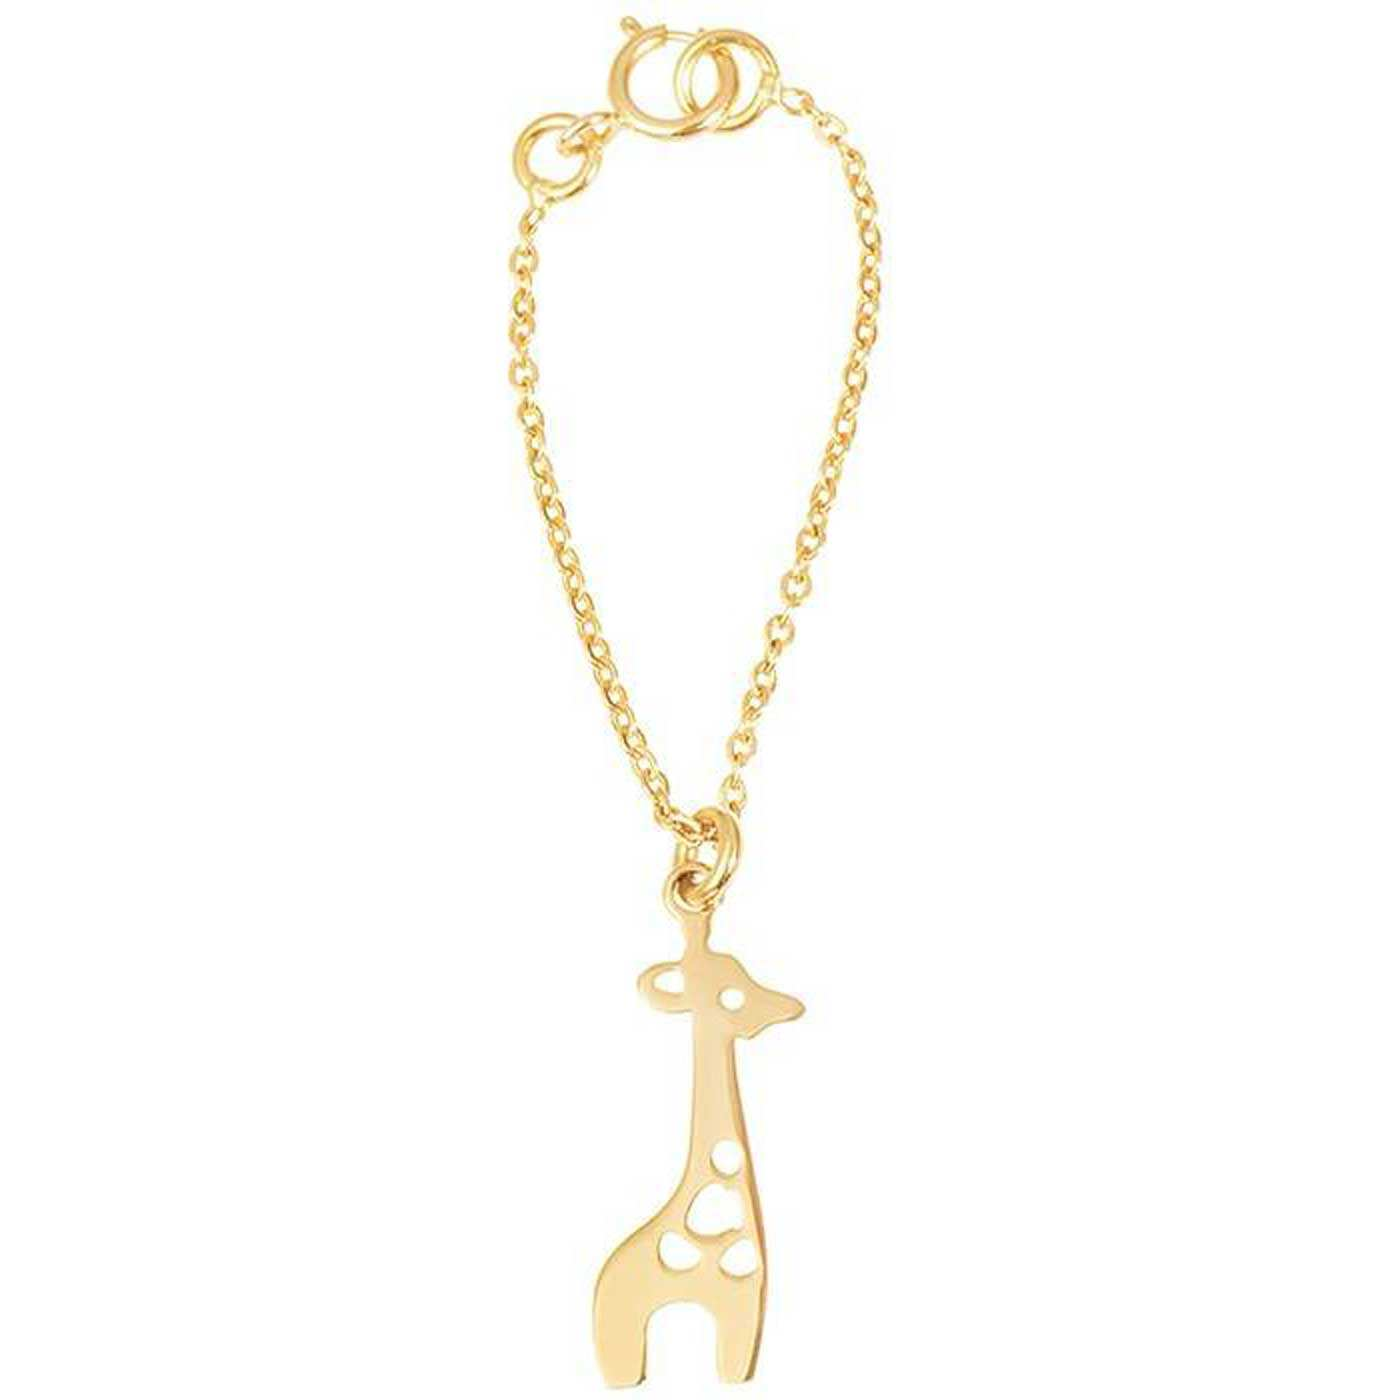 آویز ساعت طلا 18 عیار زنانه کانیار گالری کد AS86 -  - 2